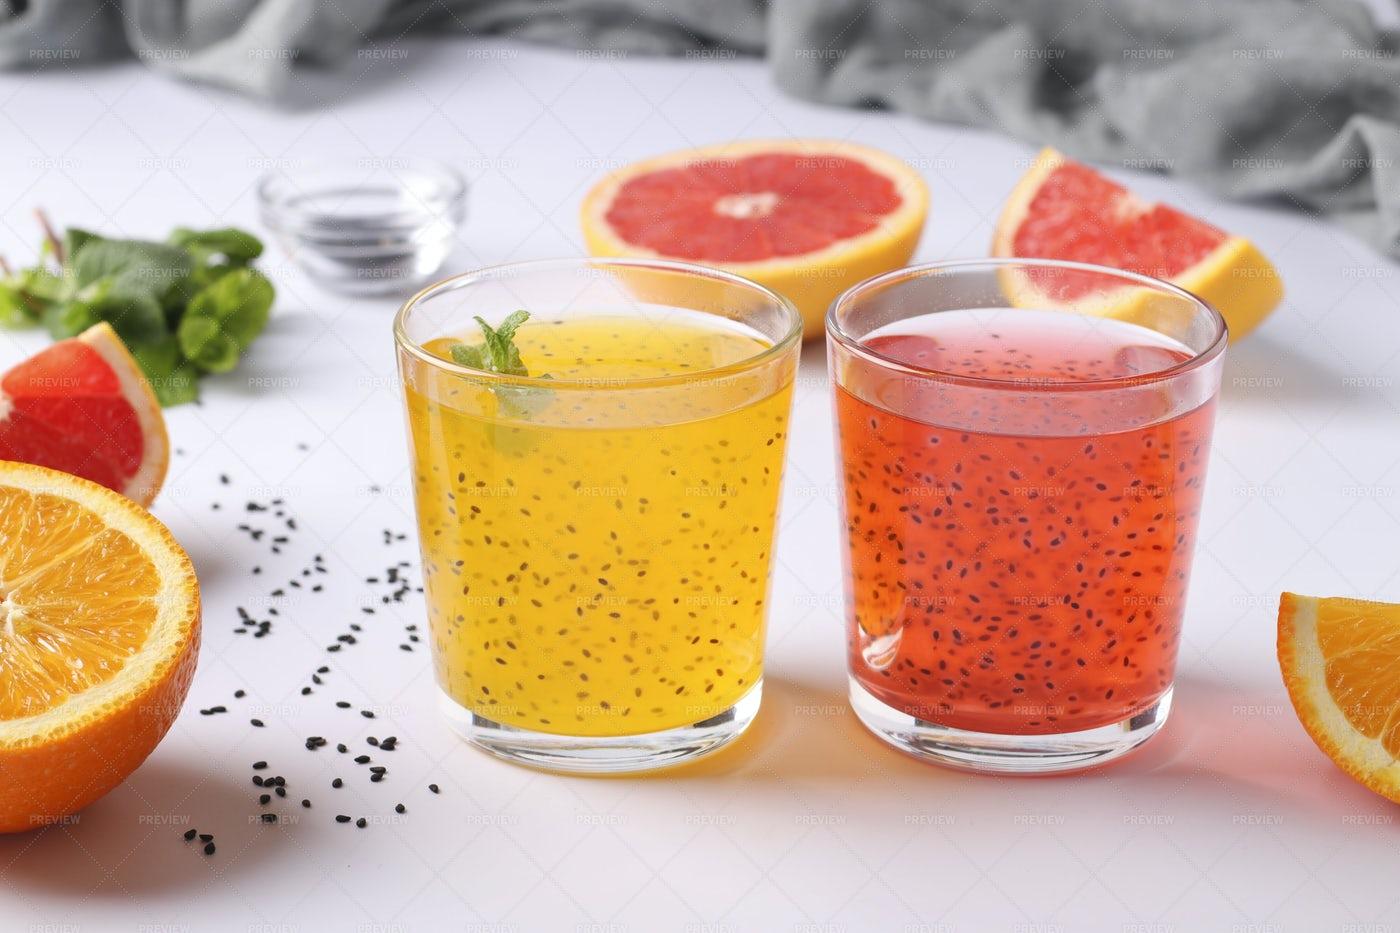 Tropical Orange And Grapefruit Juice: Stock Photos